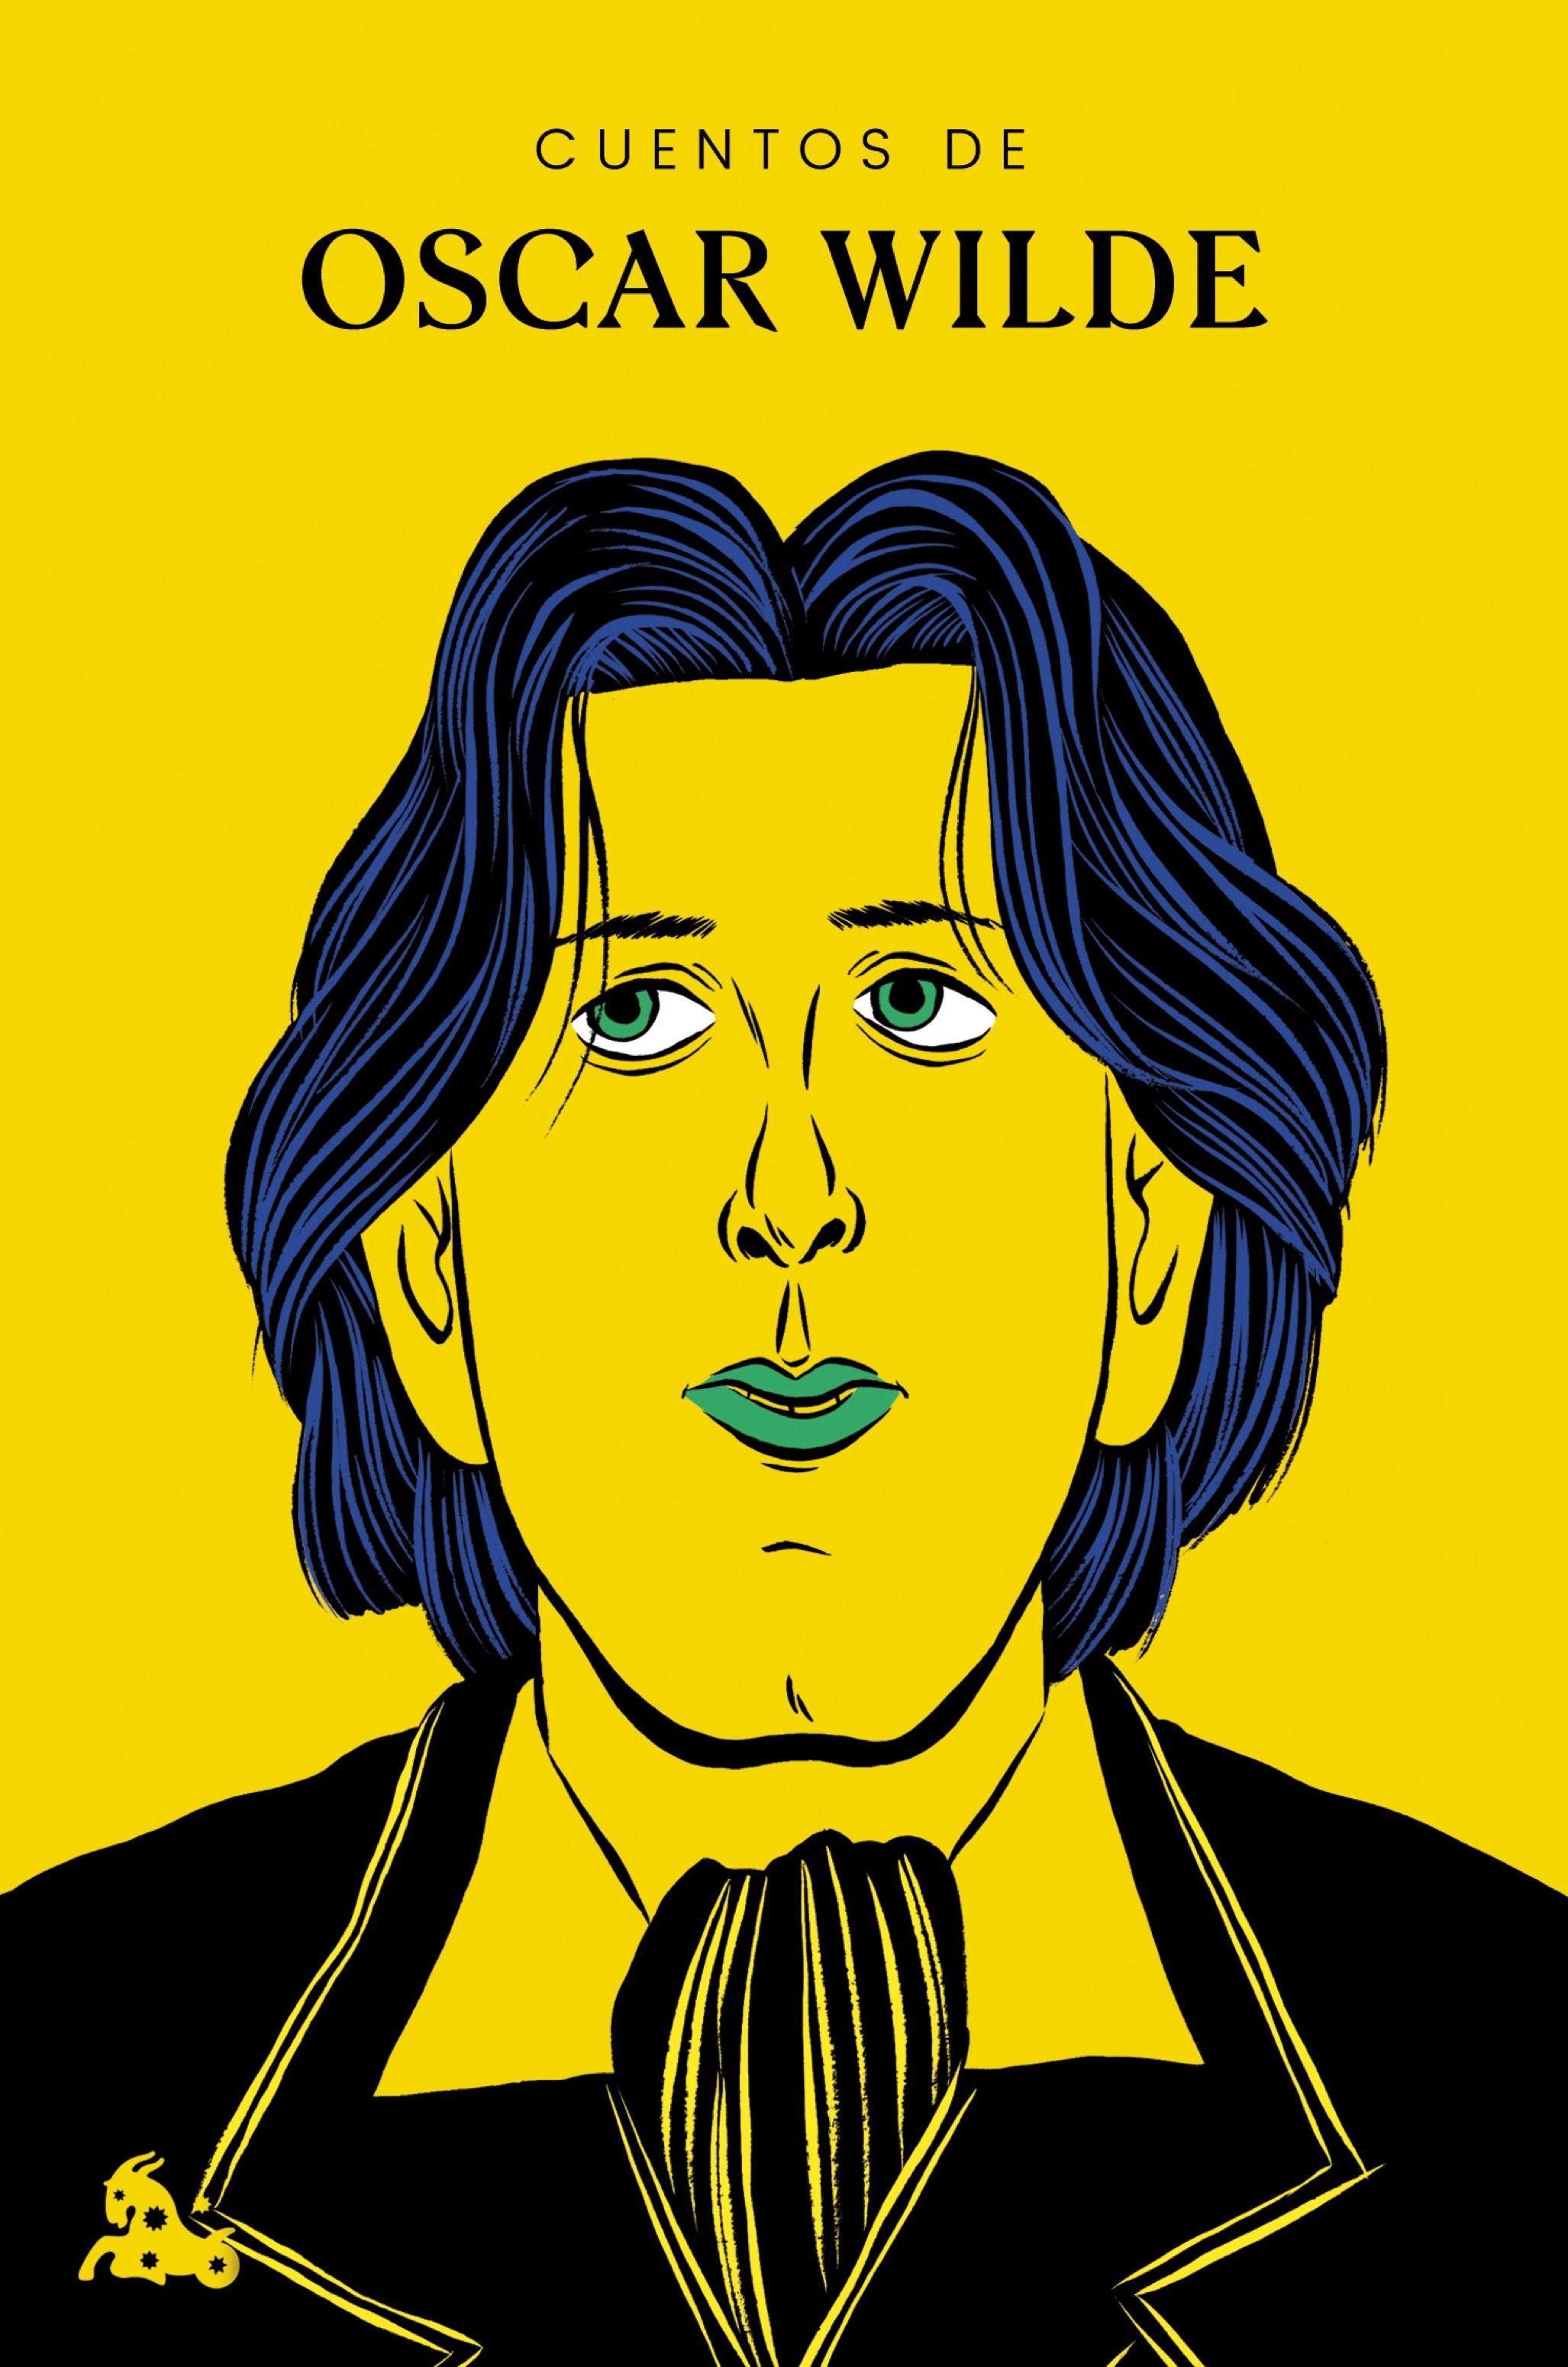 Cuentos de Oscar Wilde, de Austral Cuentos